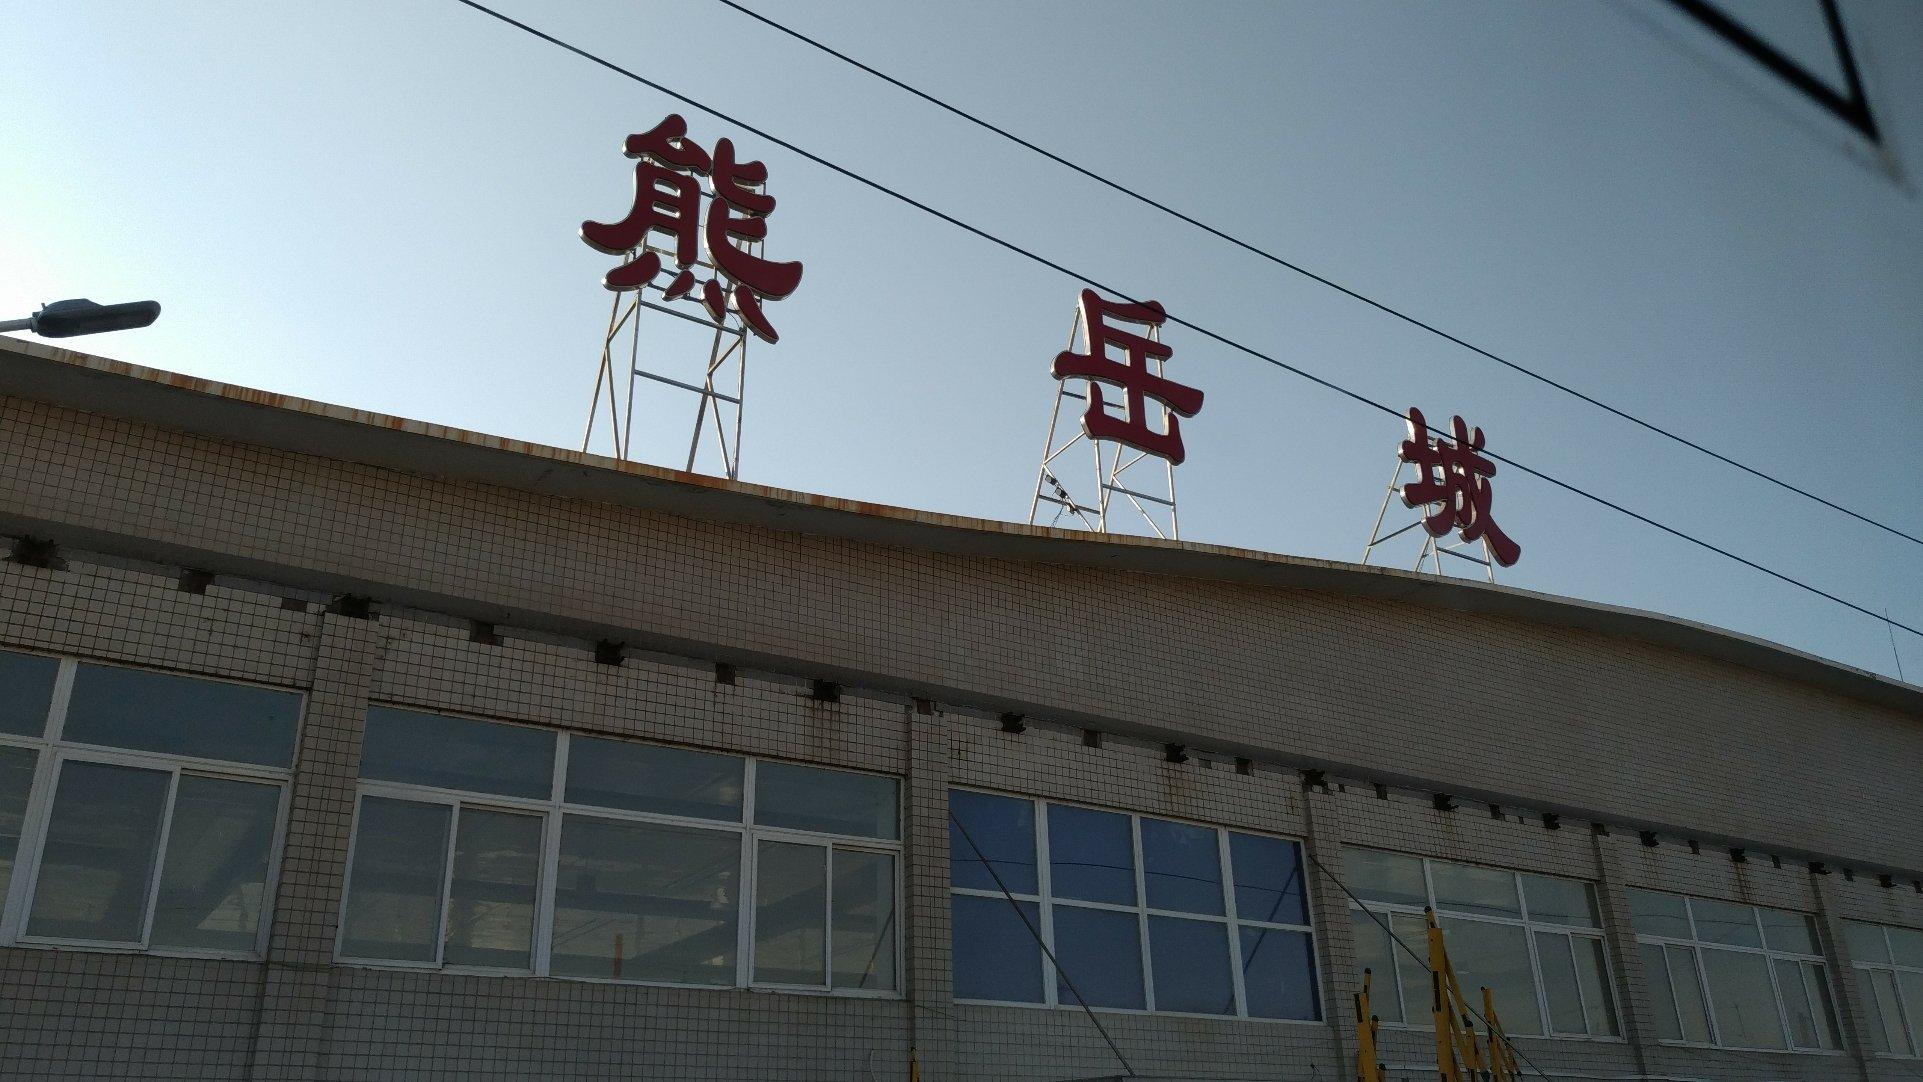 辽宁省营口市鲅鱼圈区步行街靠近熊岳城站天气预报